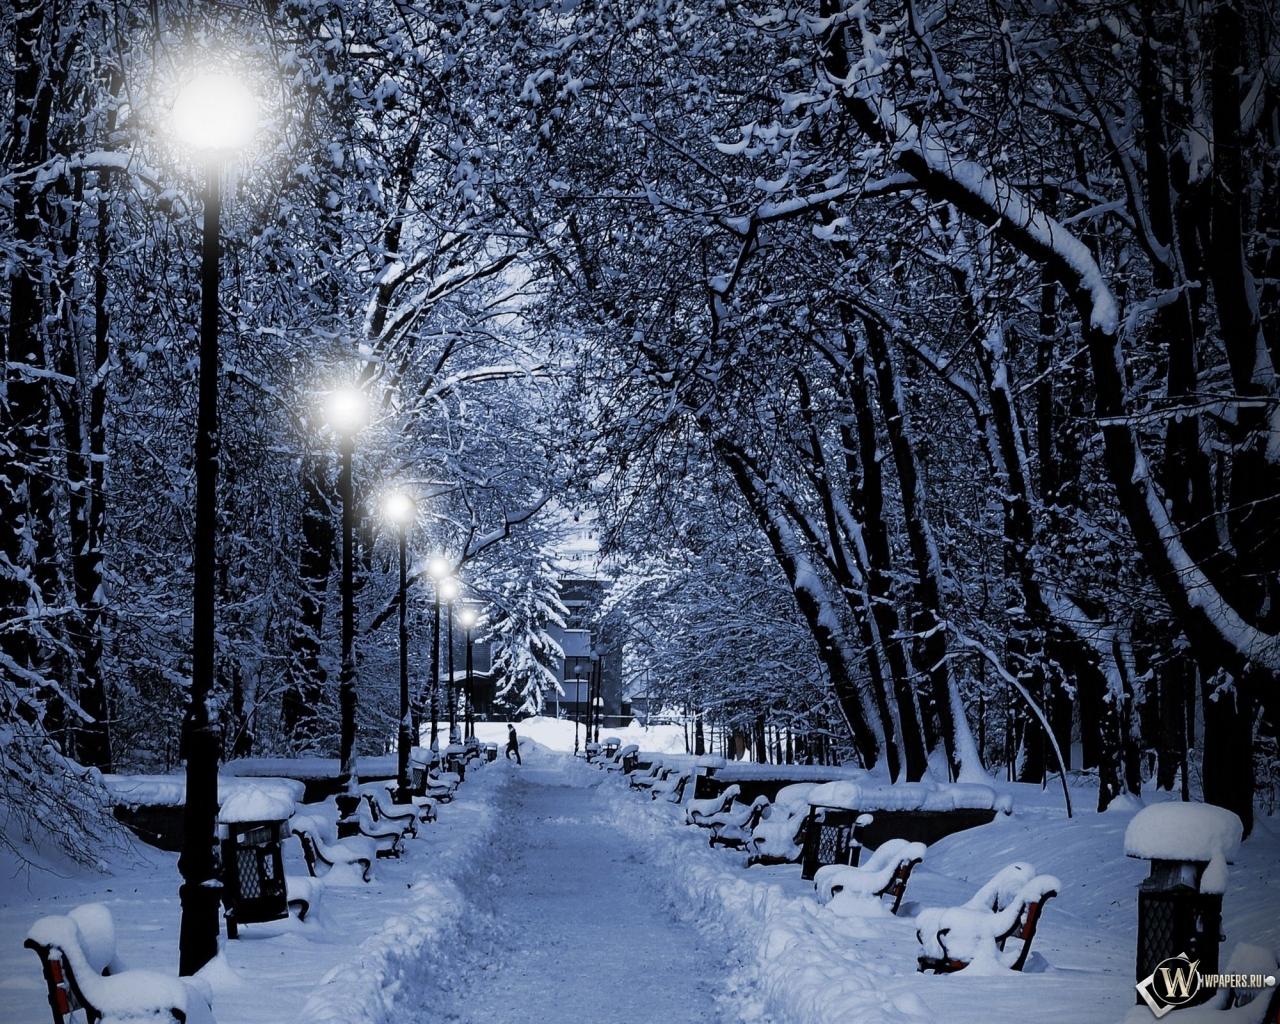 Аллея зимой 1280x1024